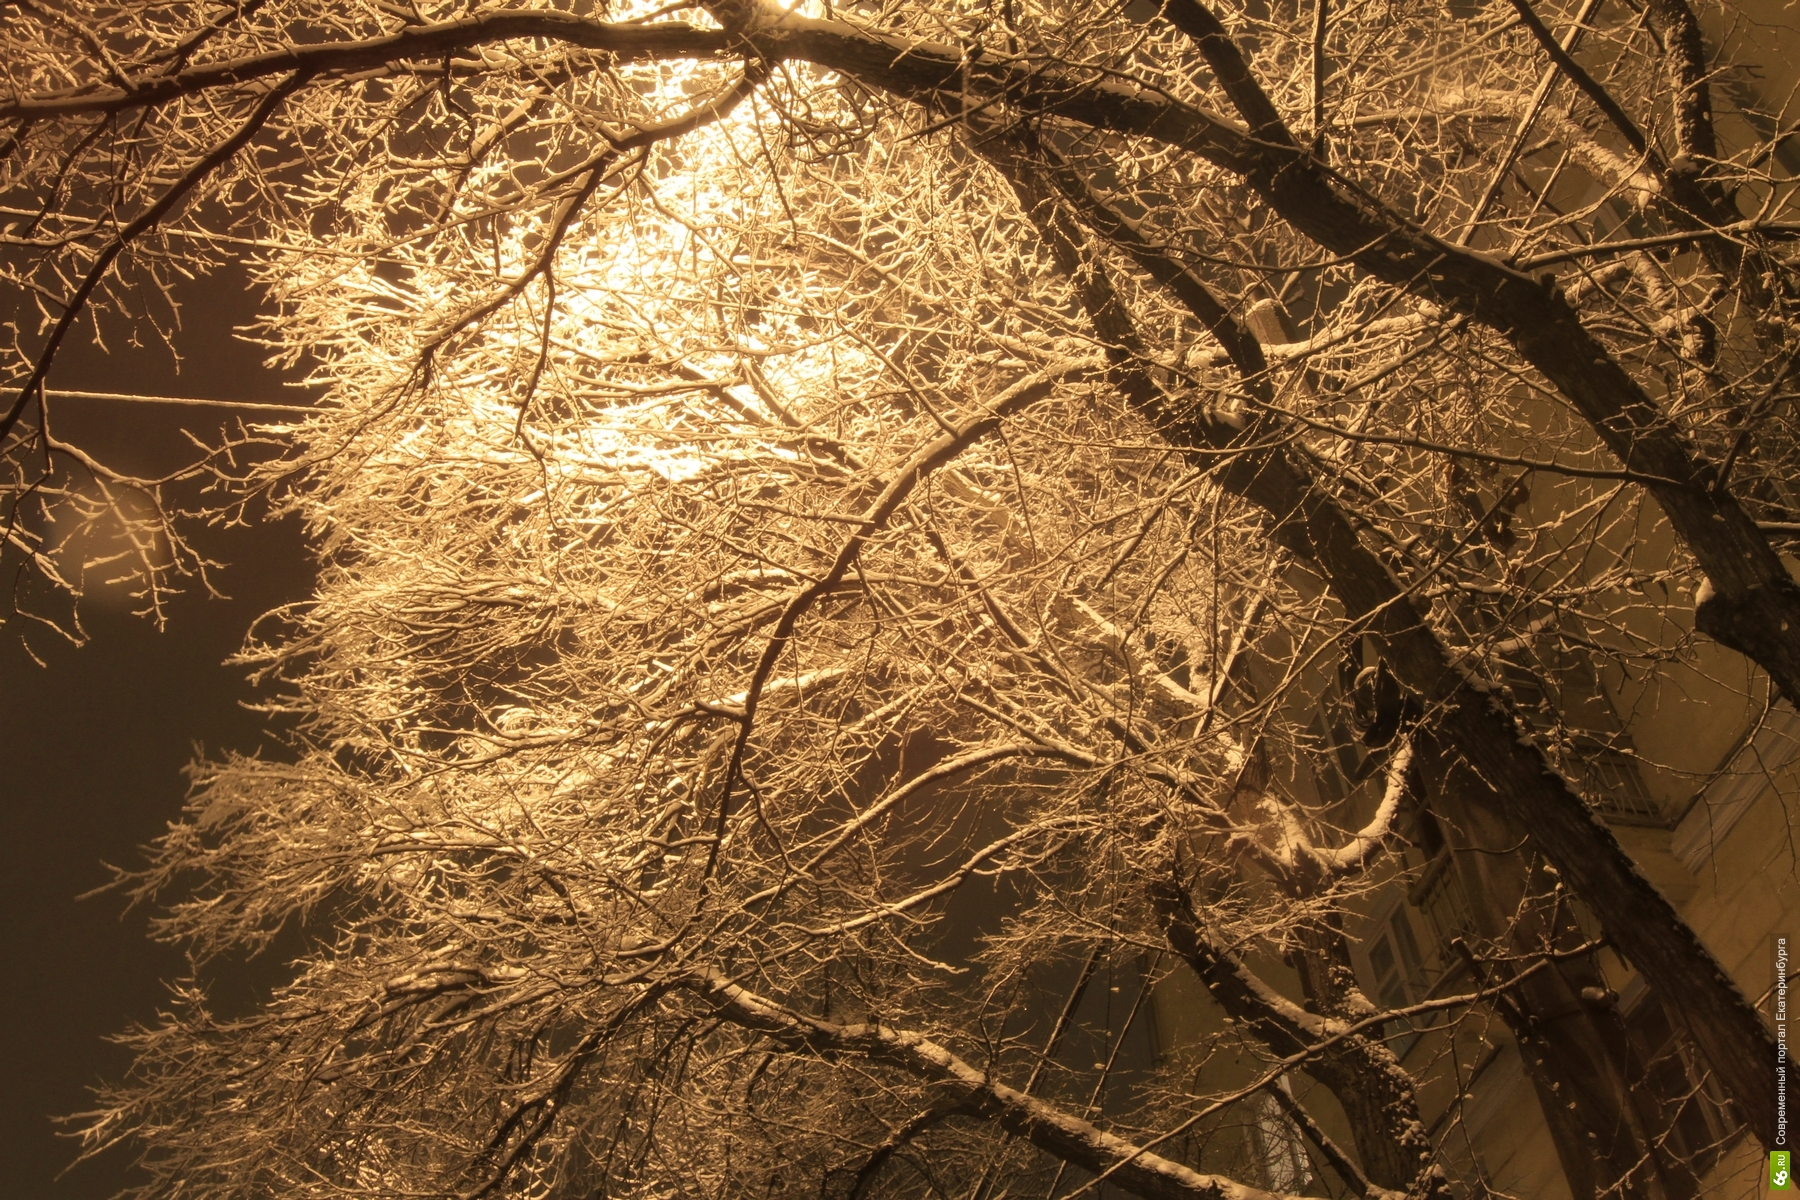 Первые весенние выходные в Екатеринбурге пройдут под снегом